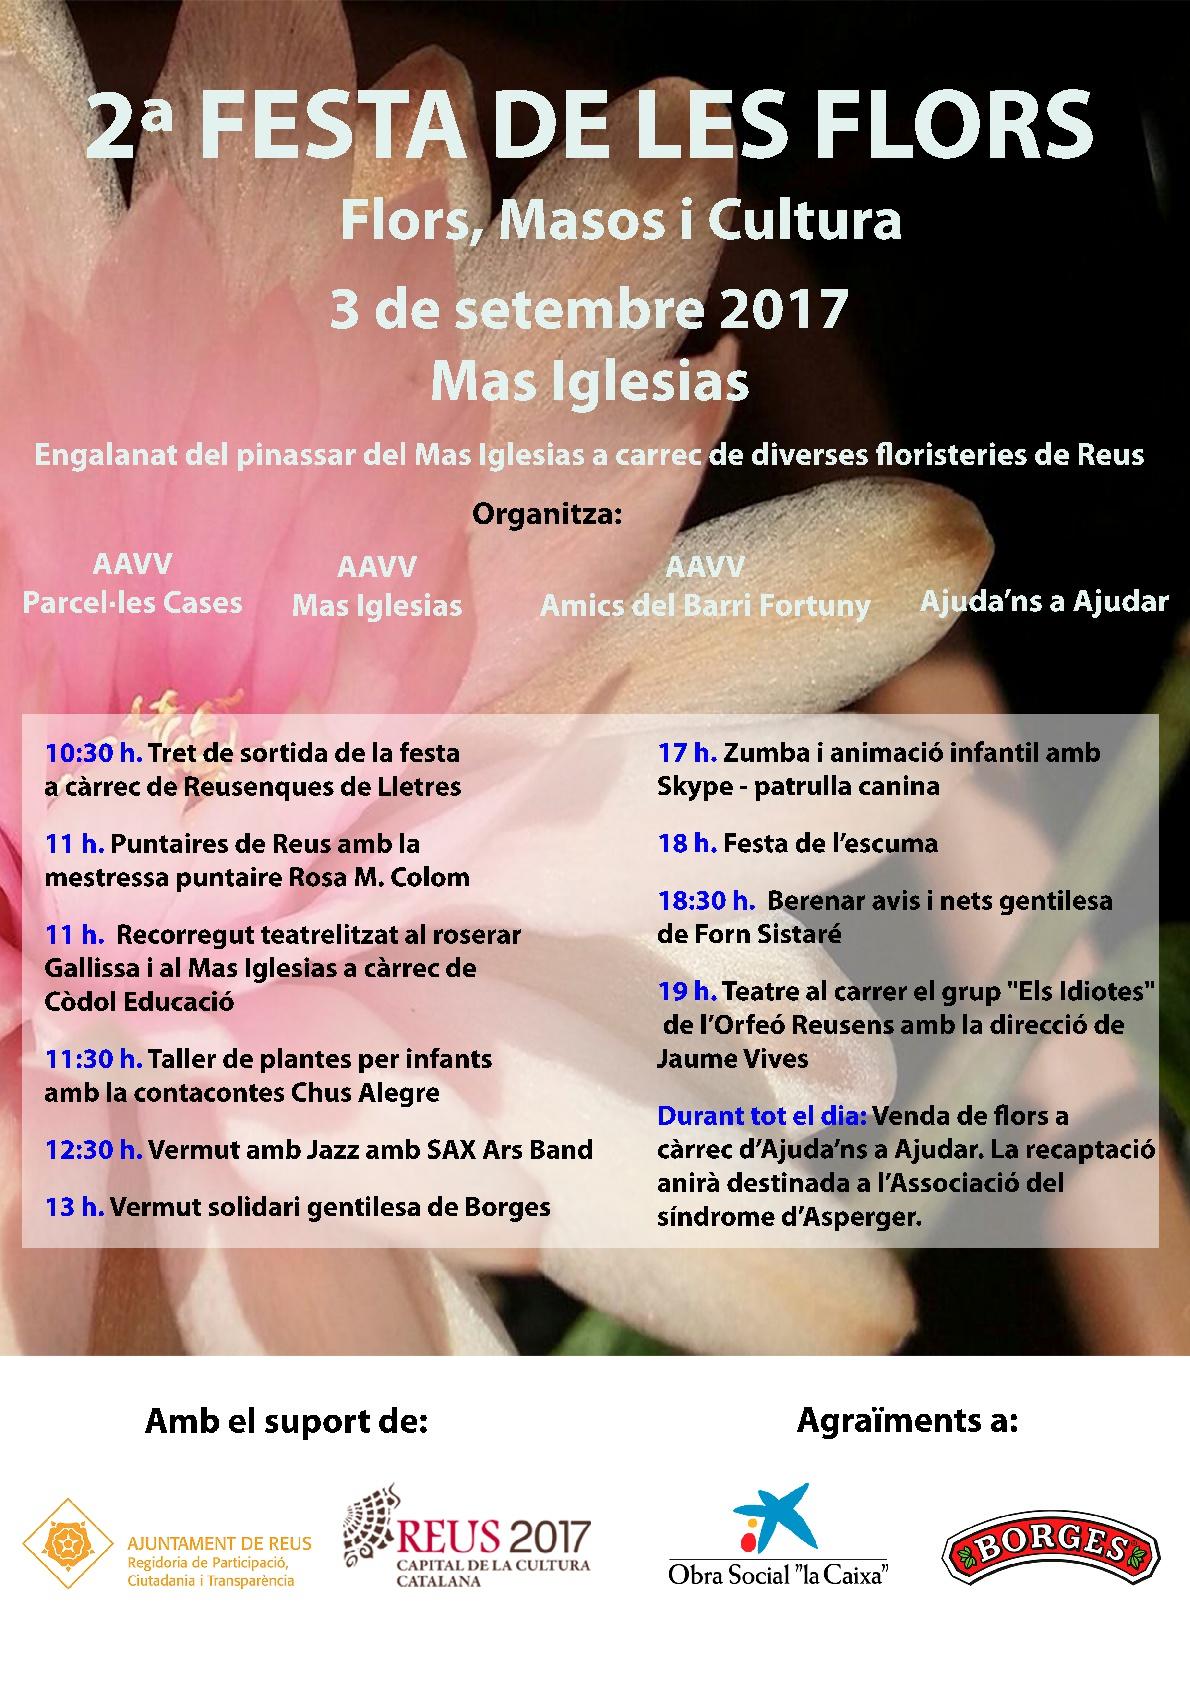 2a Festa de les Flors . Flors, Masos i Cultura